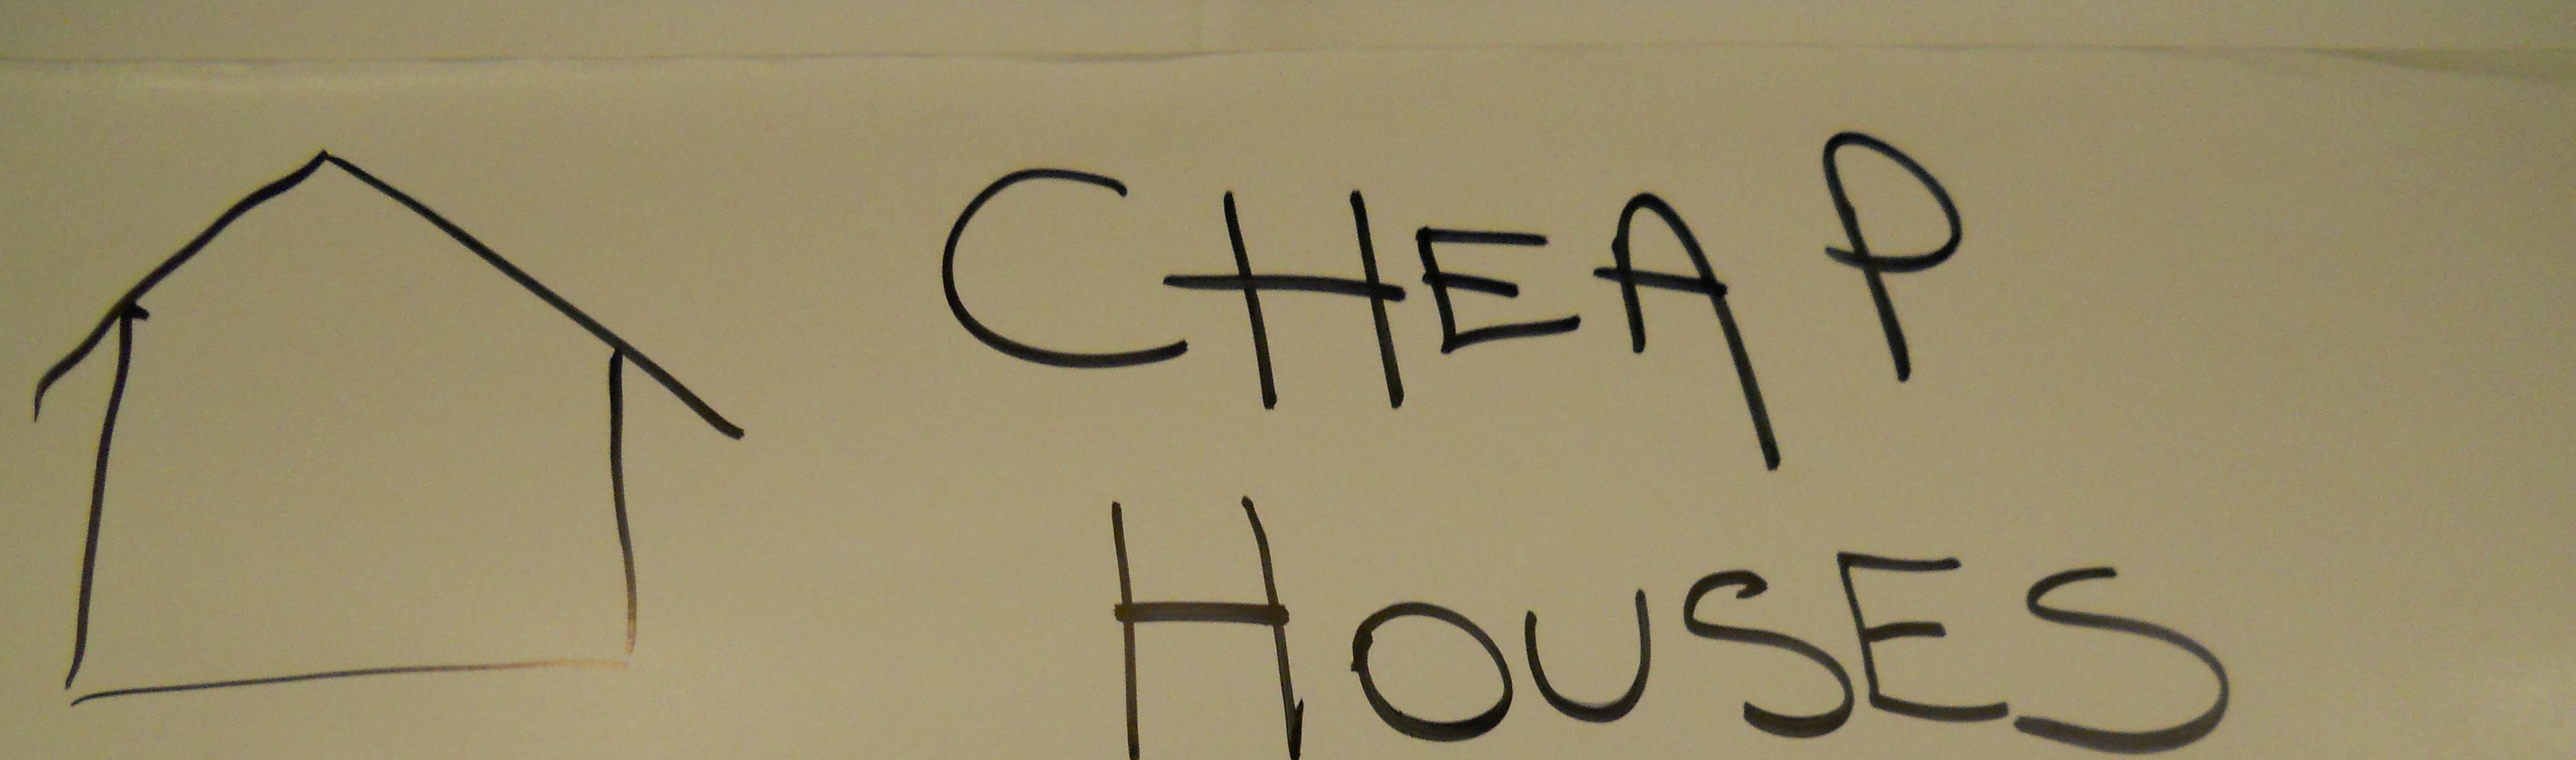 Houses Cleveland Ohio